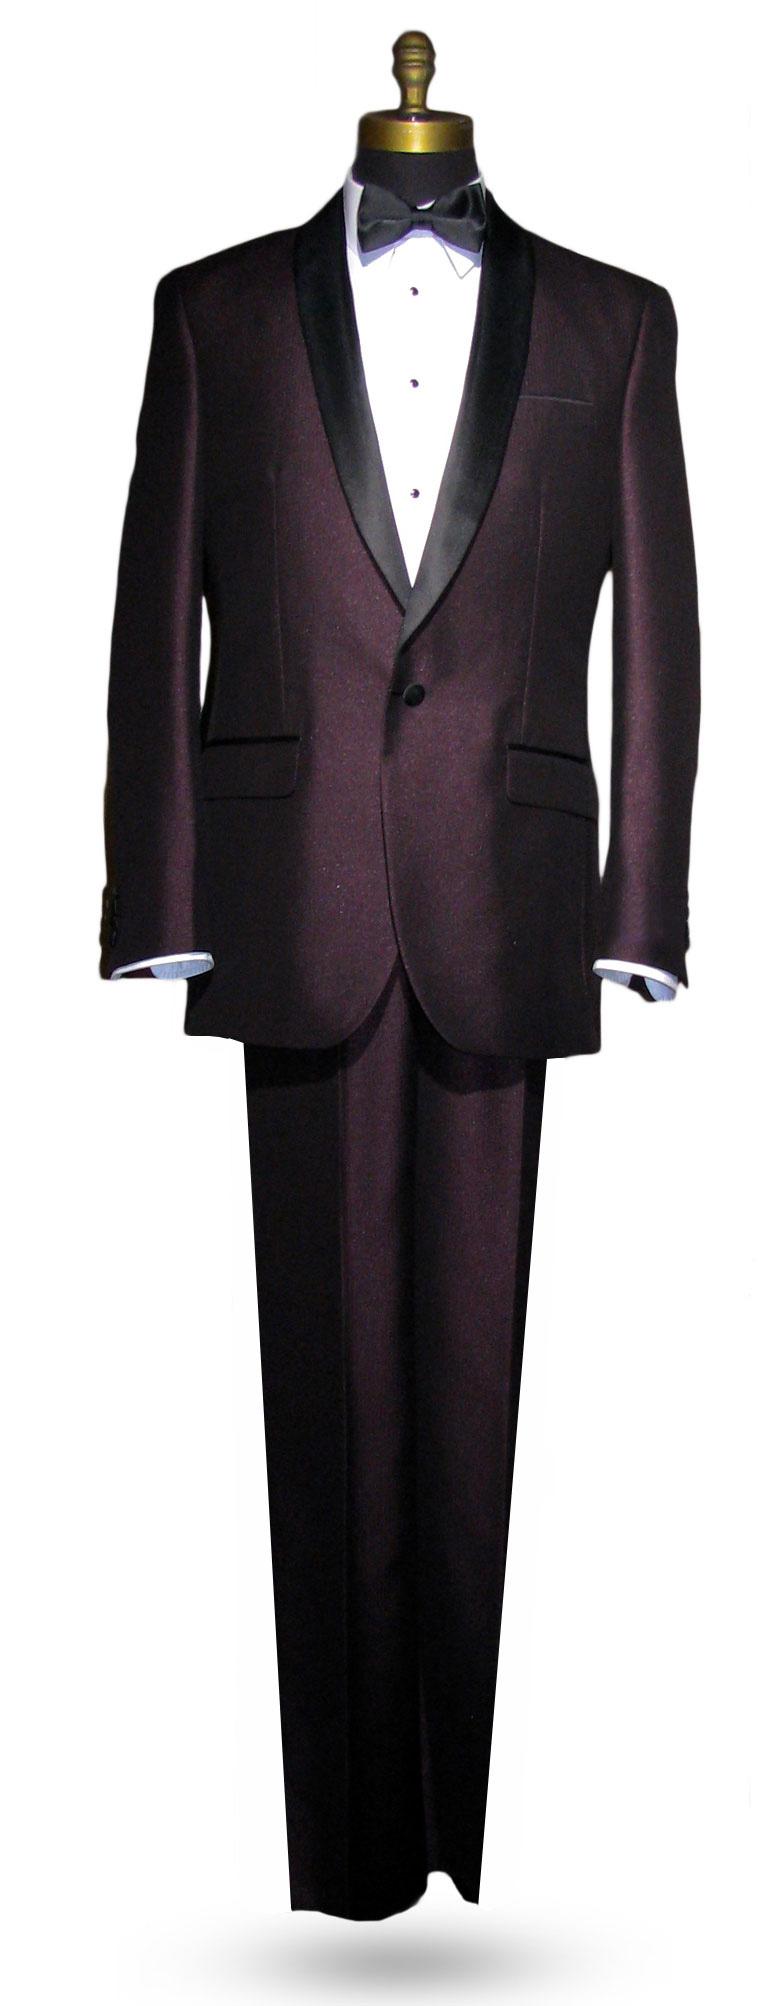 Plum Shawl Collar Tuxedo - 3 Piece - Shiny Fabric